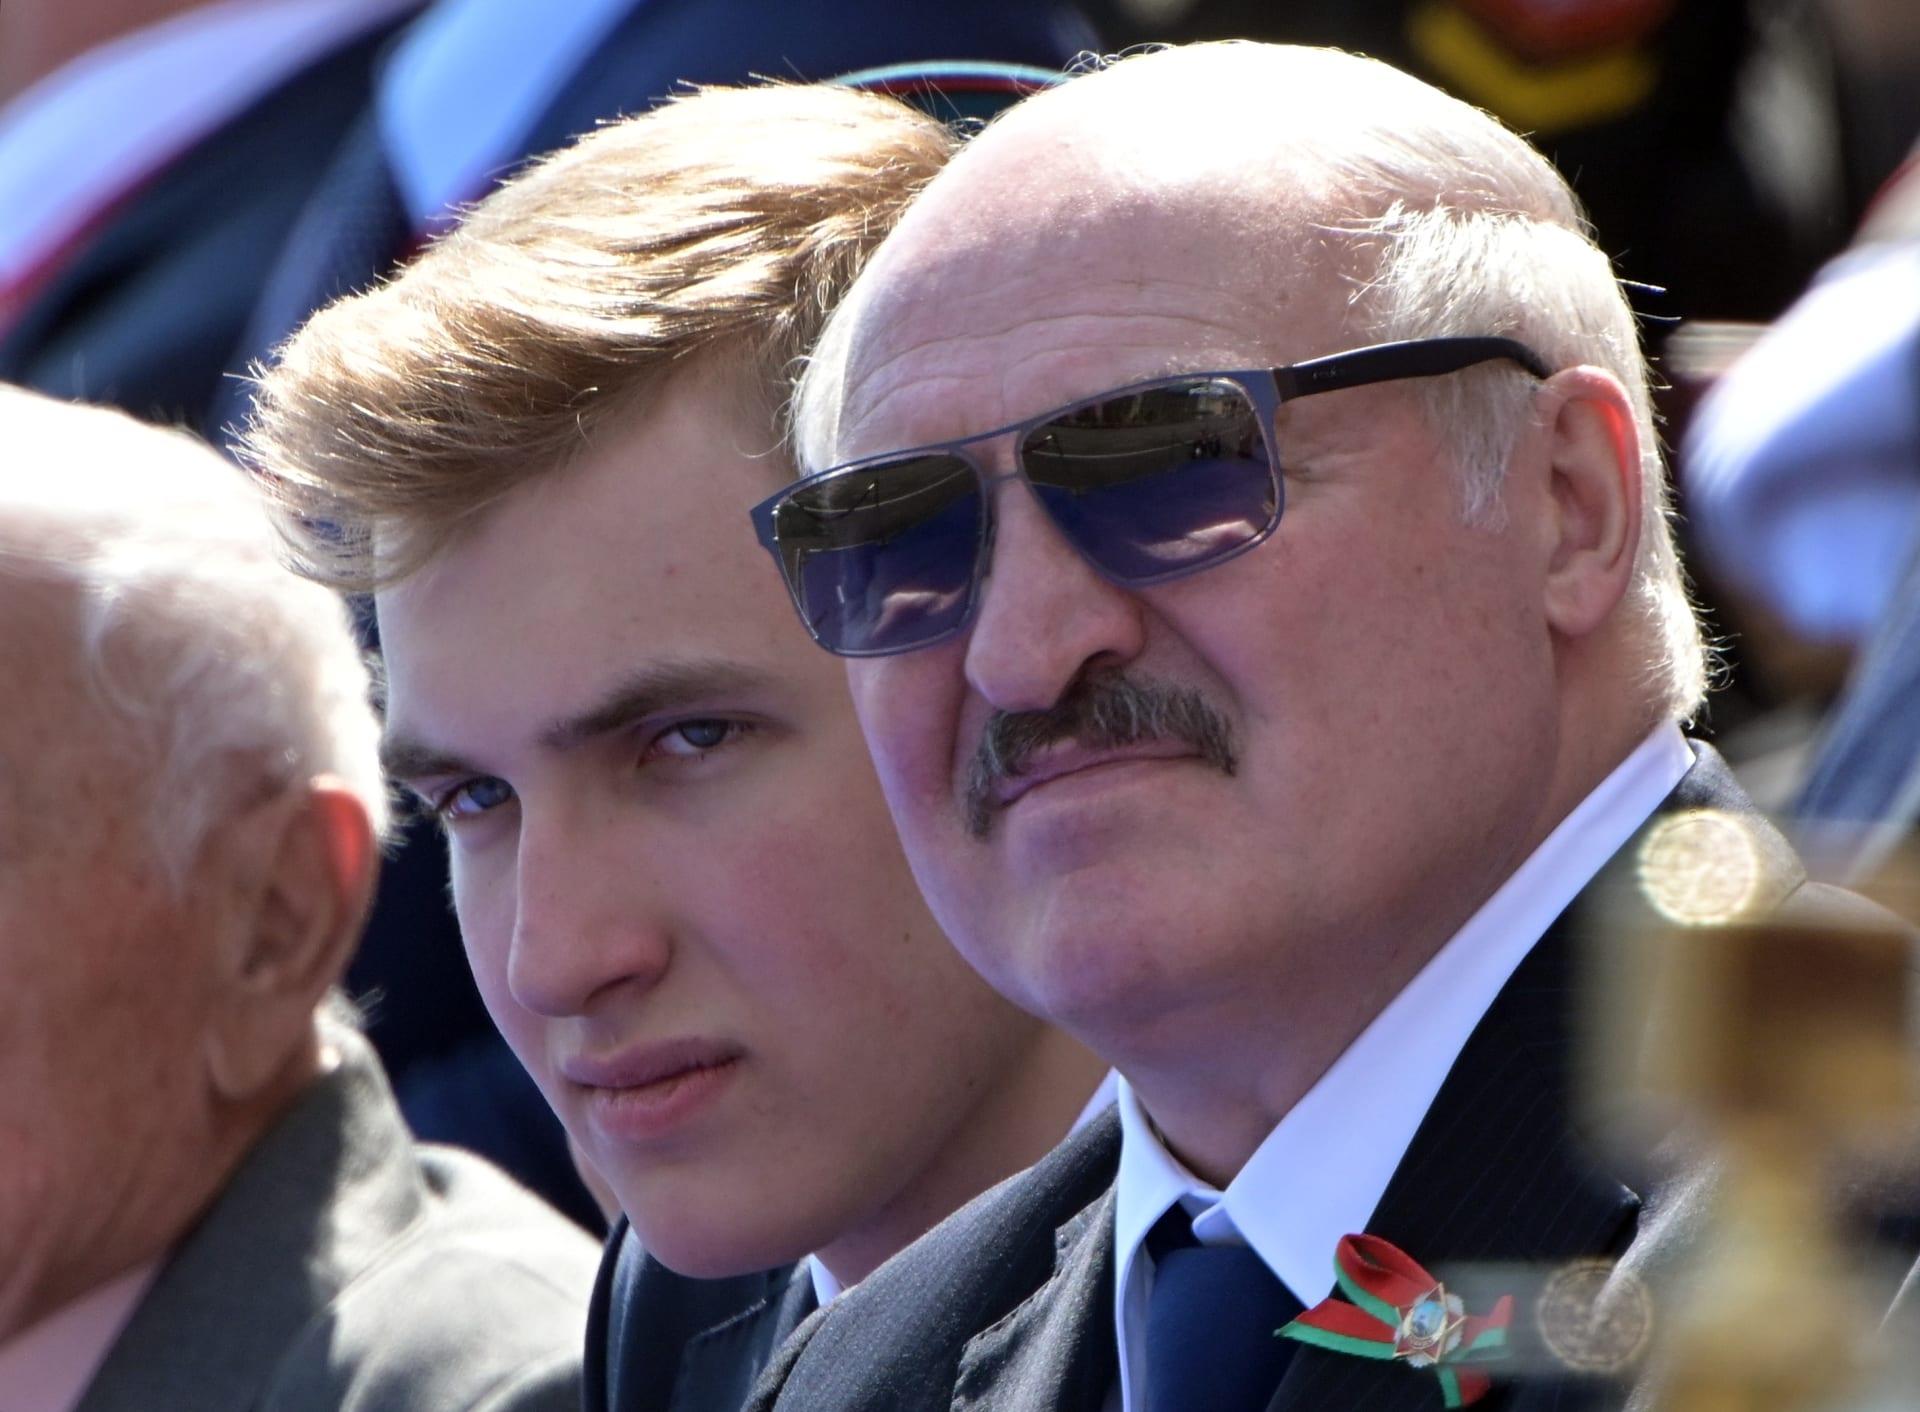 حاملا كلاشينكوف.. لوكاشنكو يشاهد احتجاجات بيلاروسيا لدى اتجاهه إلى قصره الرئاسي